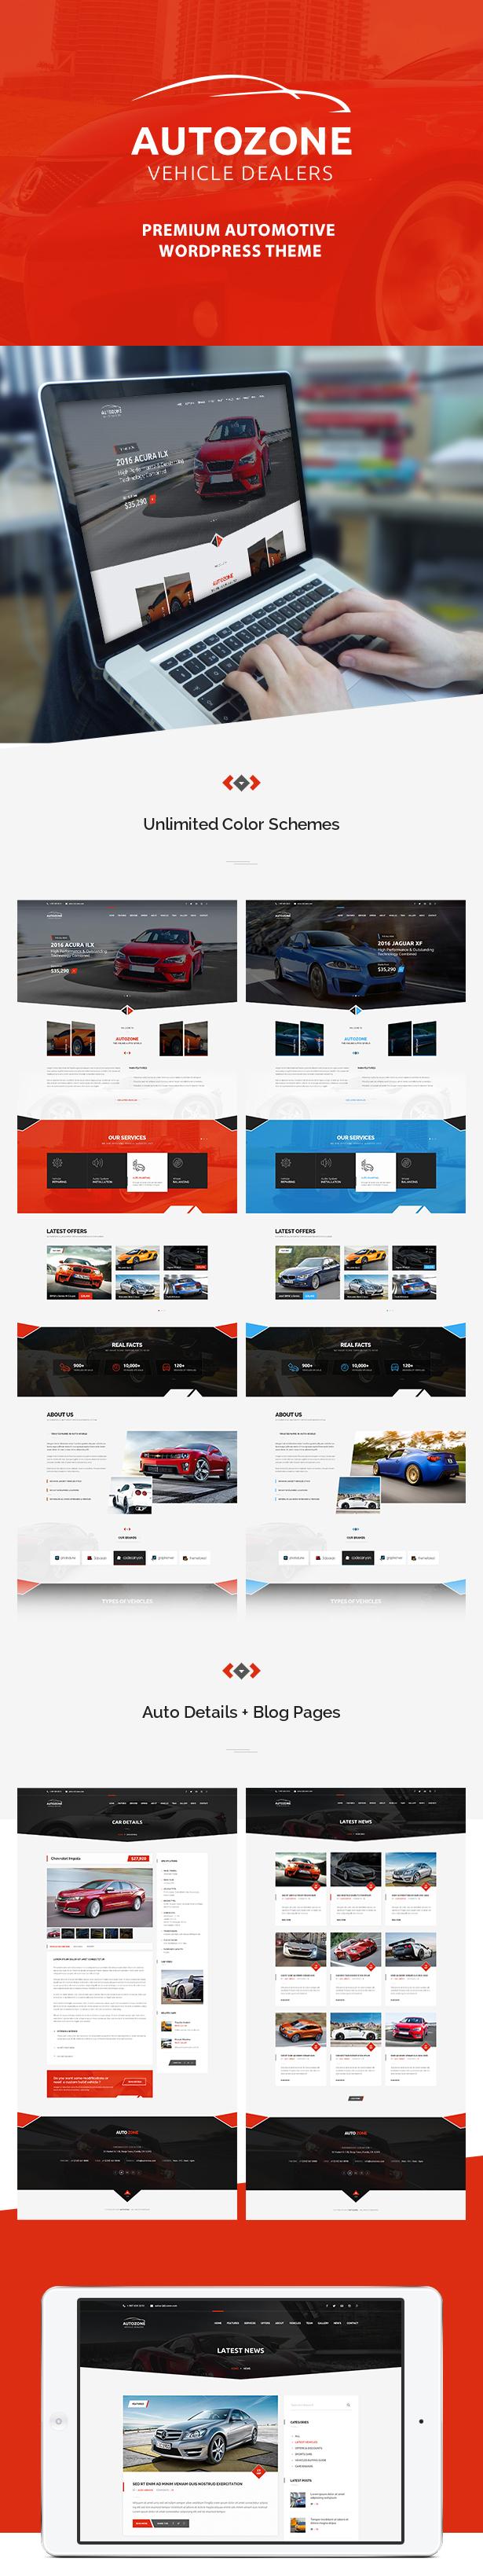 Autozone - موضوع تاجر السيارات وتأجير السيارات - 3